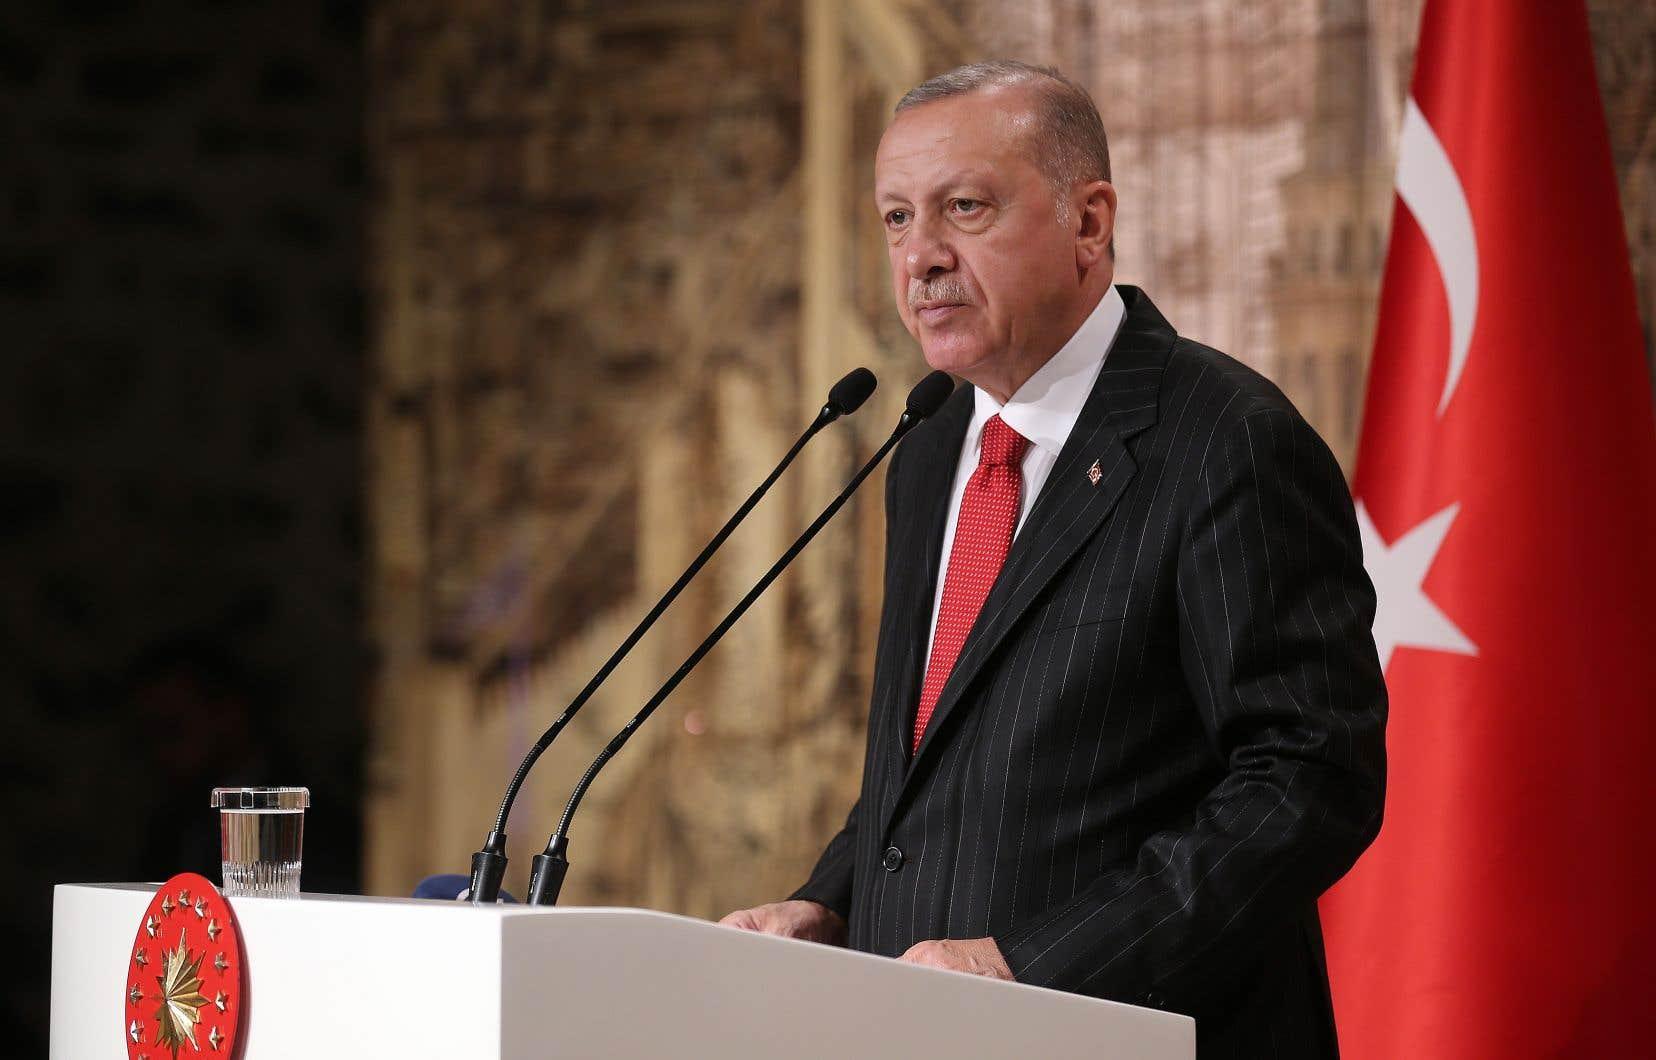 Erdogana notamment assuré que la Turquie n'avait pas l'intention de rester indéfiniment dans le nord de la Syrie.